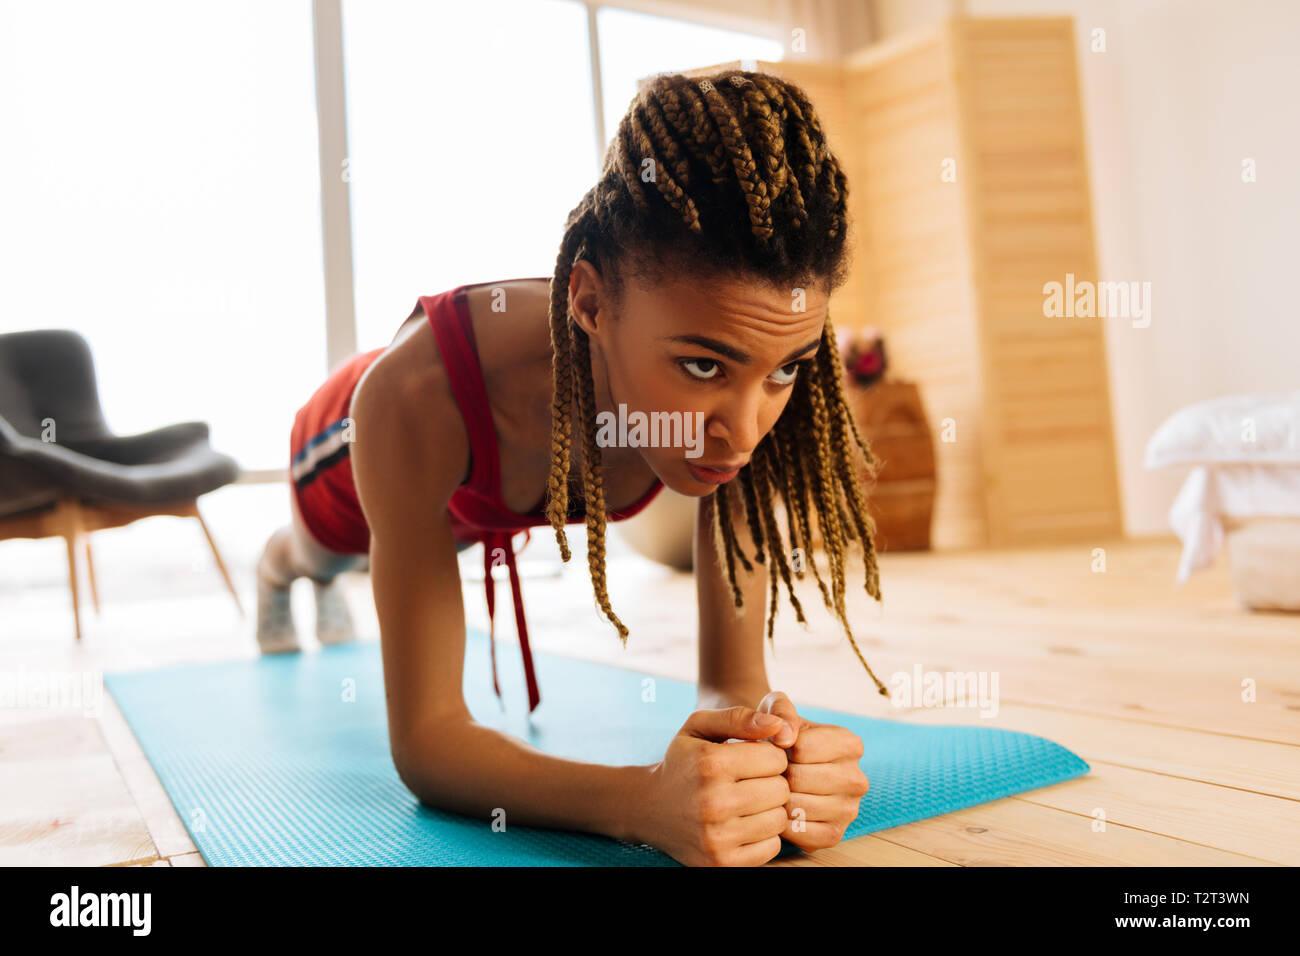 Anstrengend Plank. Dark-eyed Frau mit schönen Zöpfe das Gefühl erschöpft beim Schlichten Workout mit Plank Stockbild